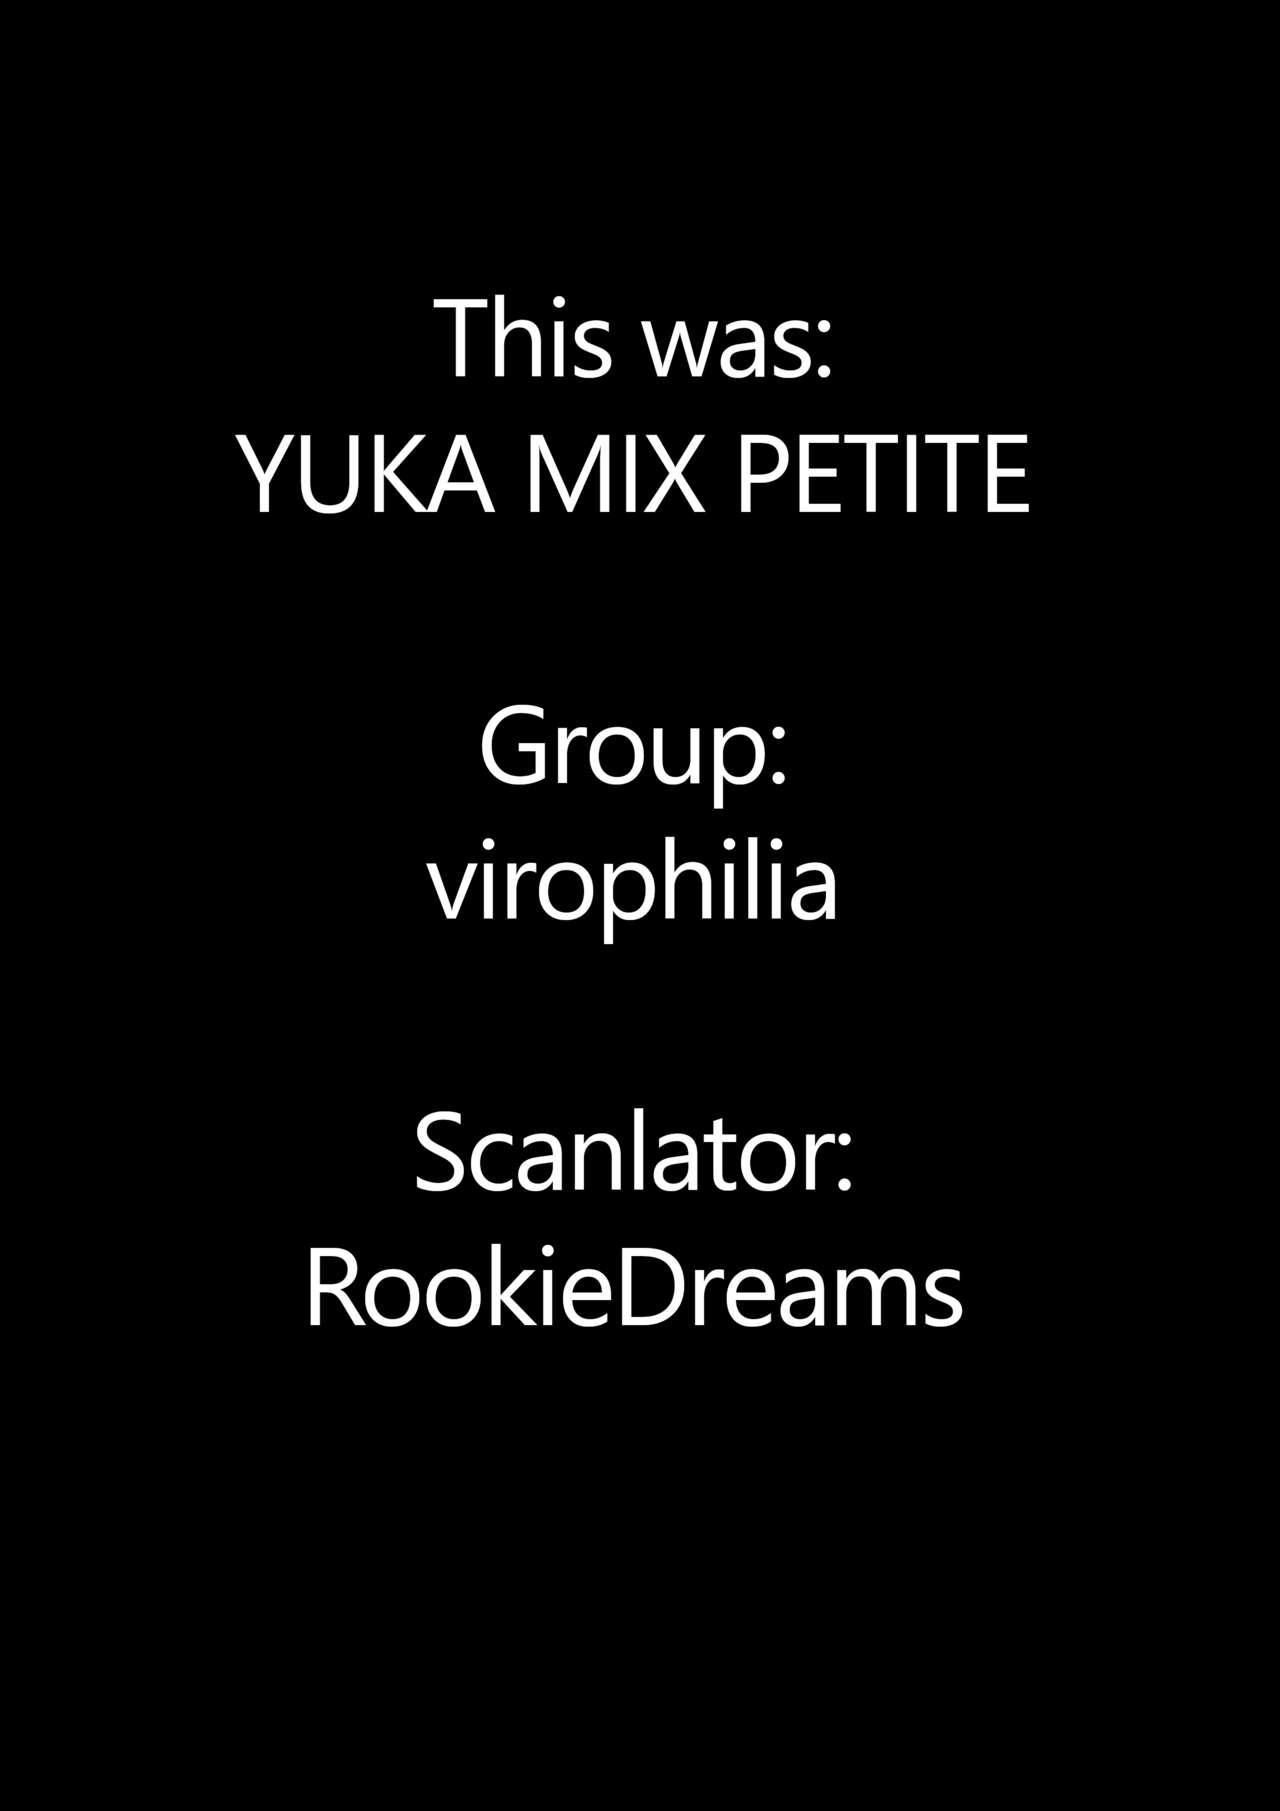 YUKA MIX PETITE 14